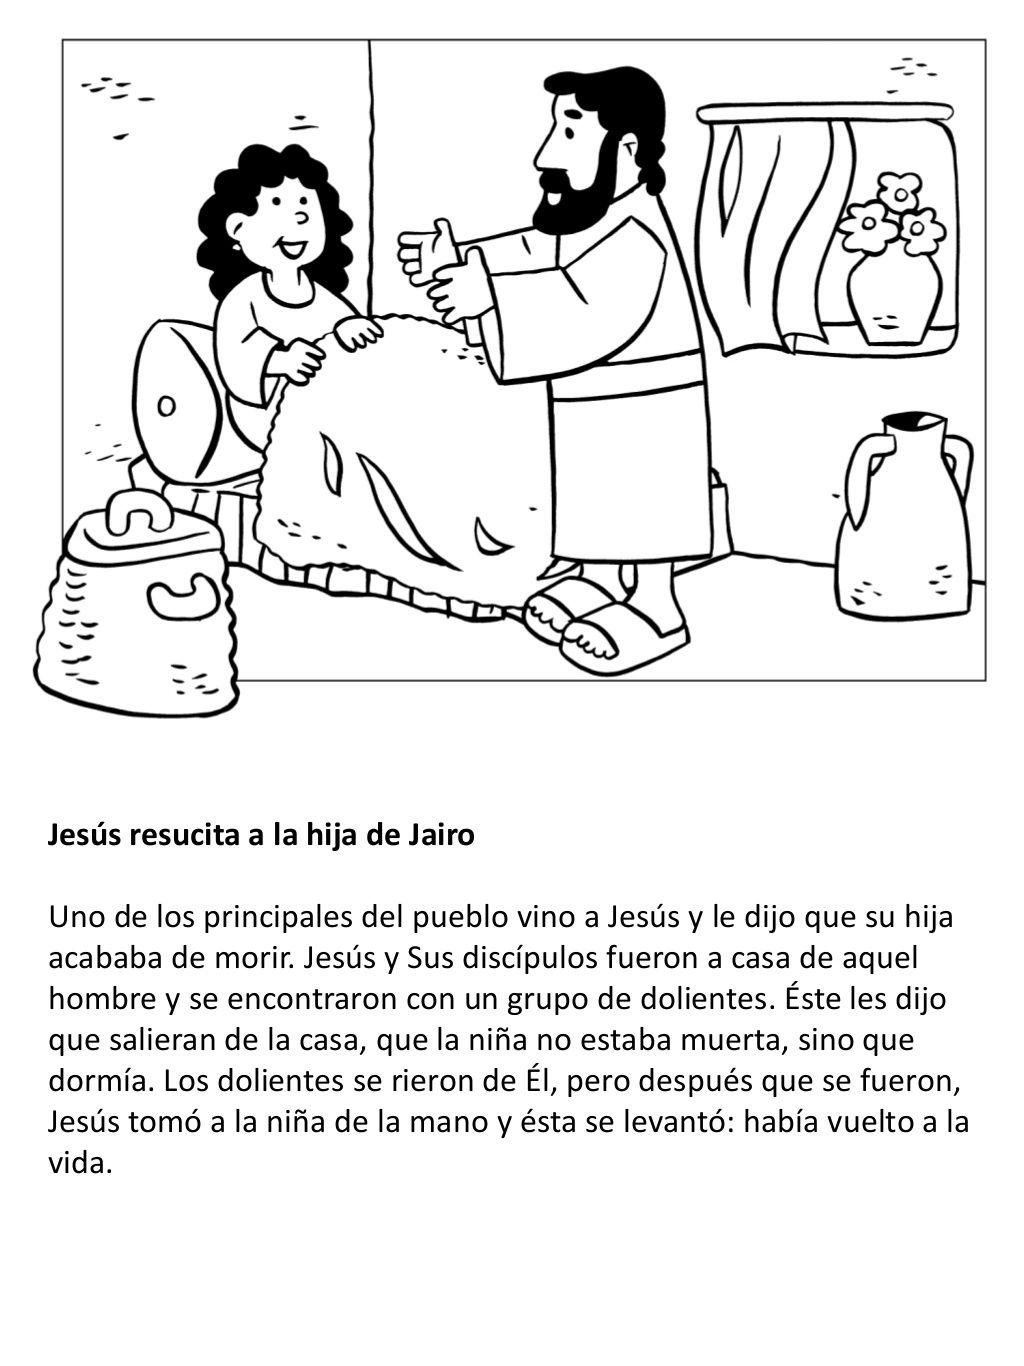 La Vida De Jesús Para Niños Libro Para Colorear En 2021 Páginas Para Colorear De Biblia La Hija De Jairo Libros Para Colorear